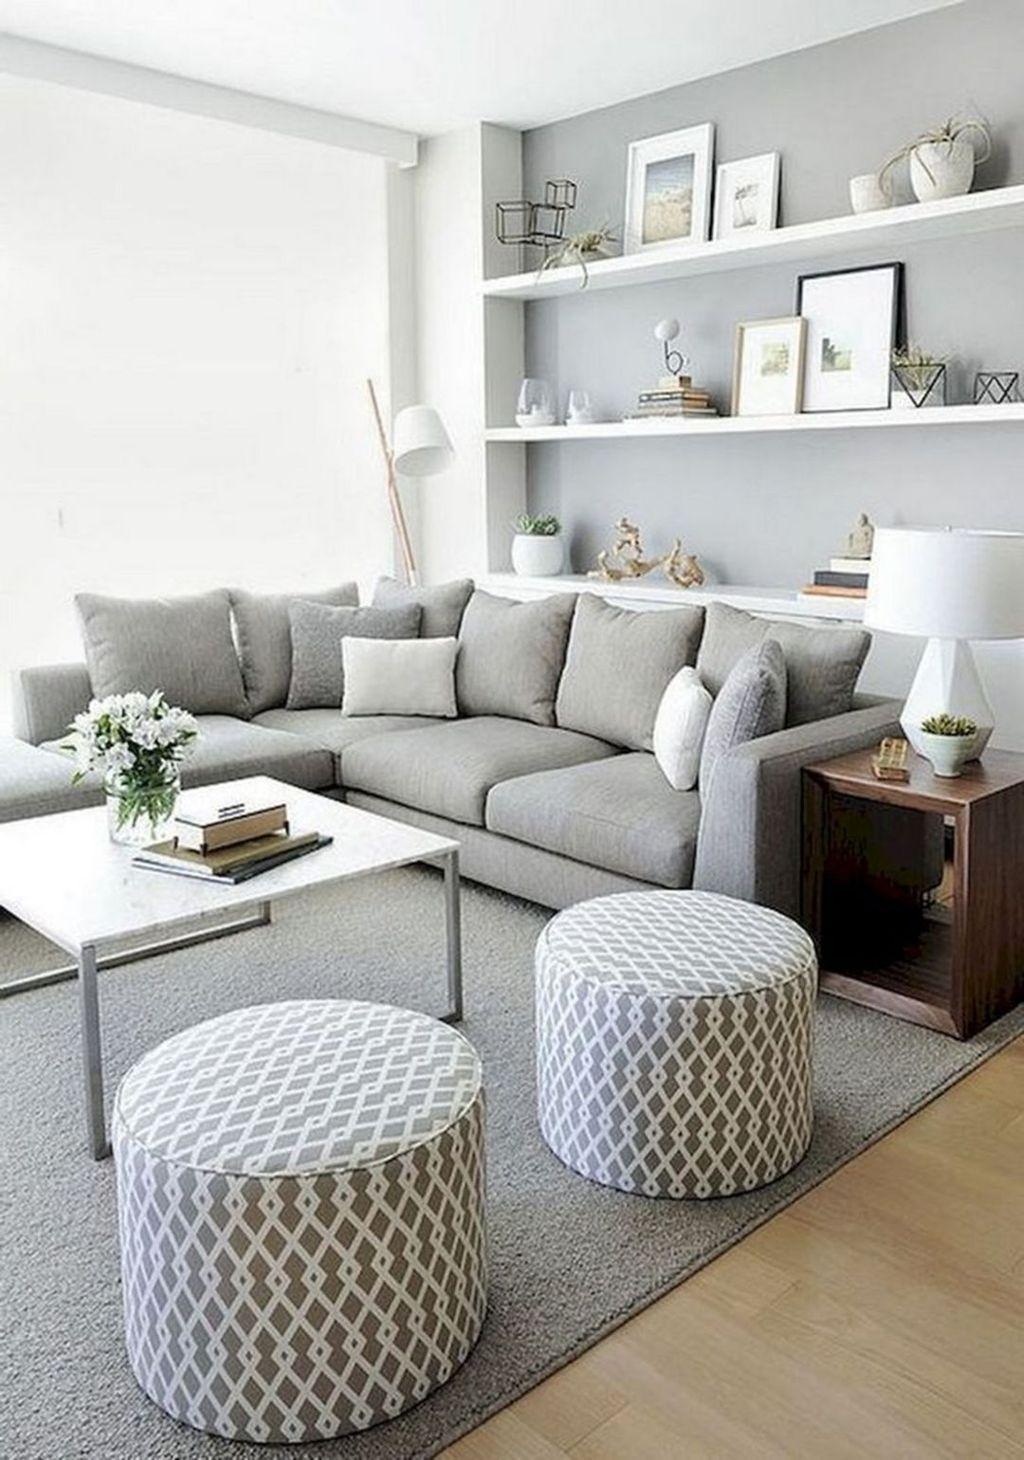 Contemporary Living Room Decor Ideas